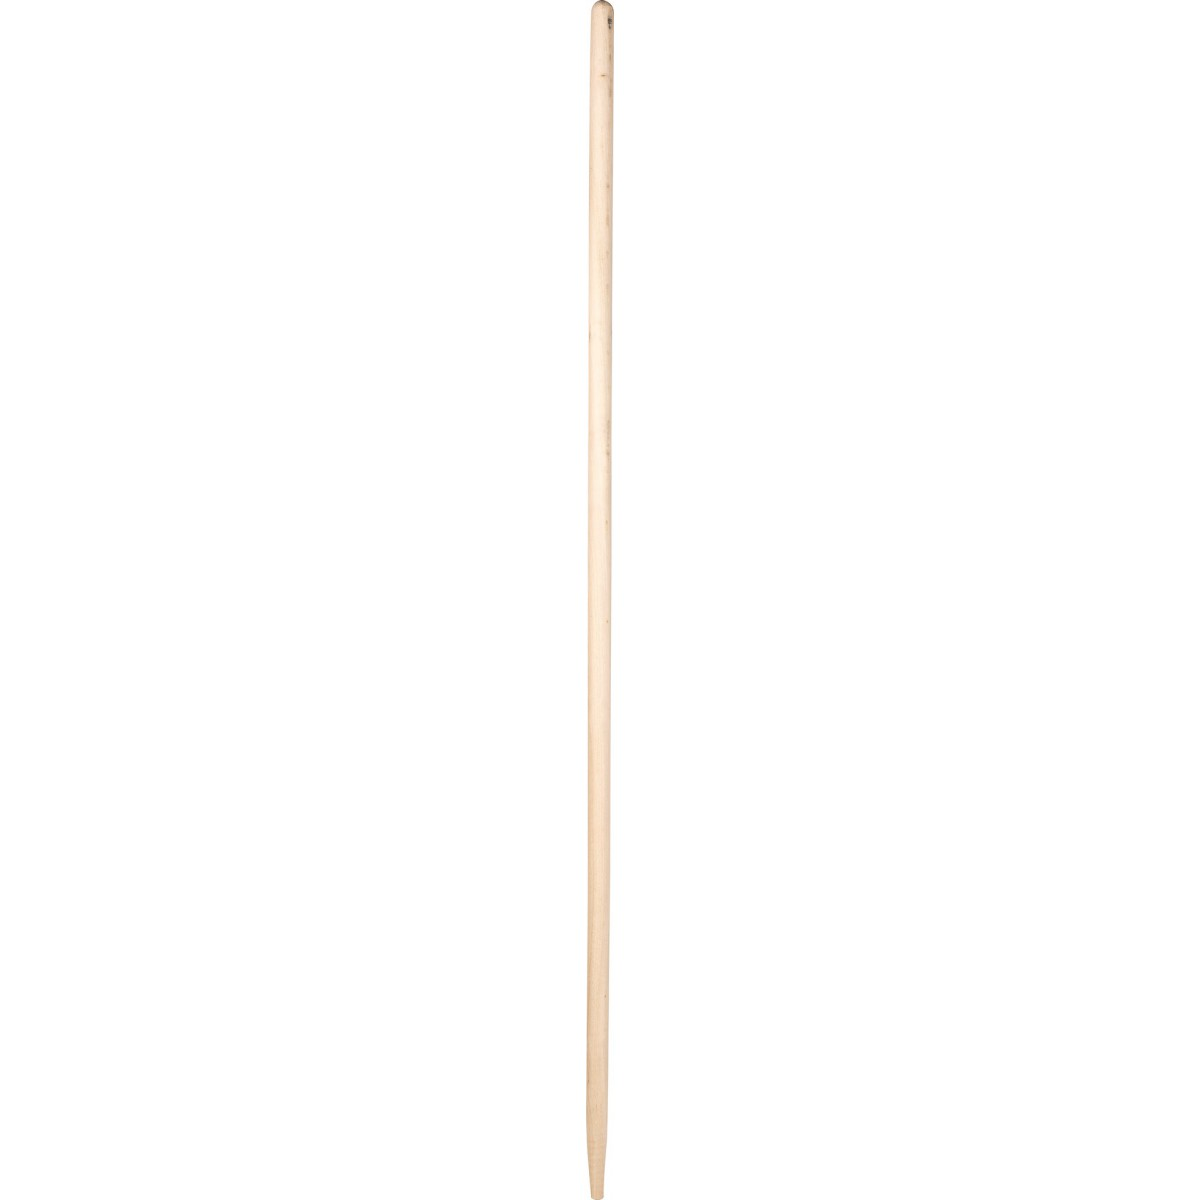 Manche pin Cap Vert - Râteau - Diamètre 28 mm - Longueur 1,5 m